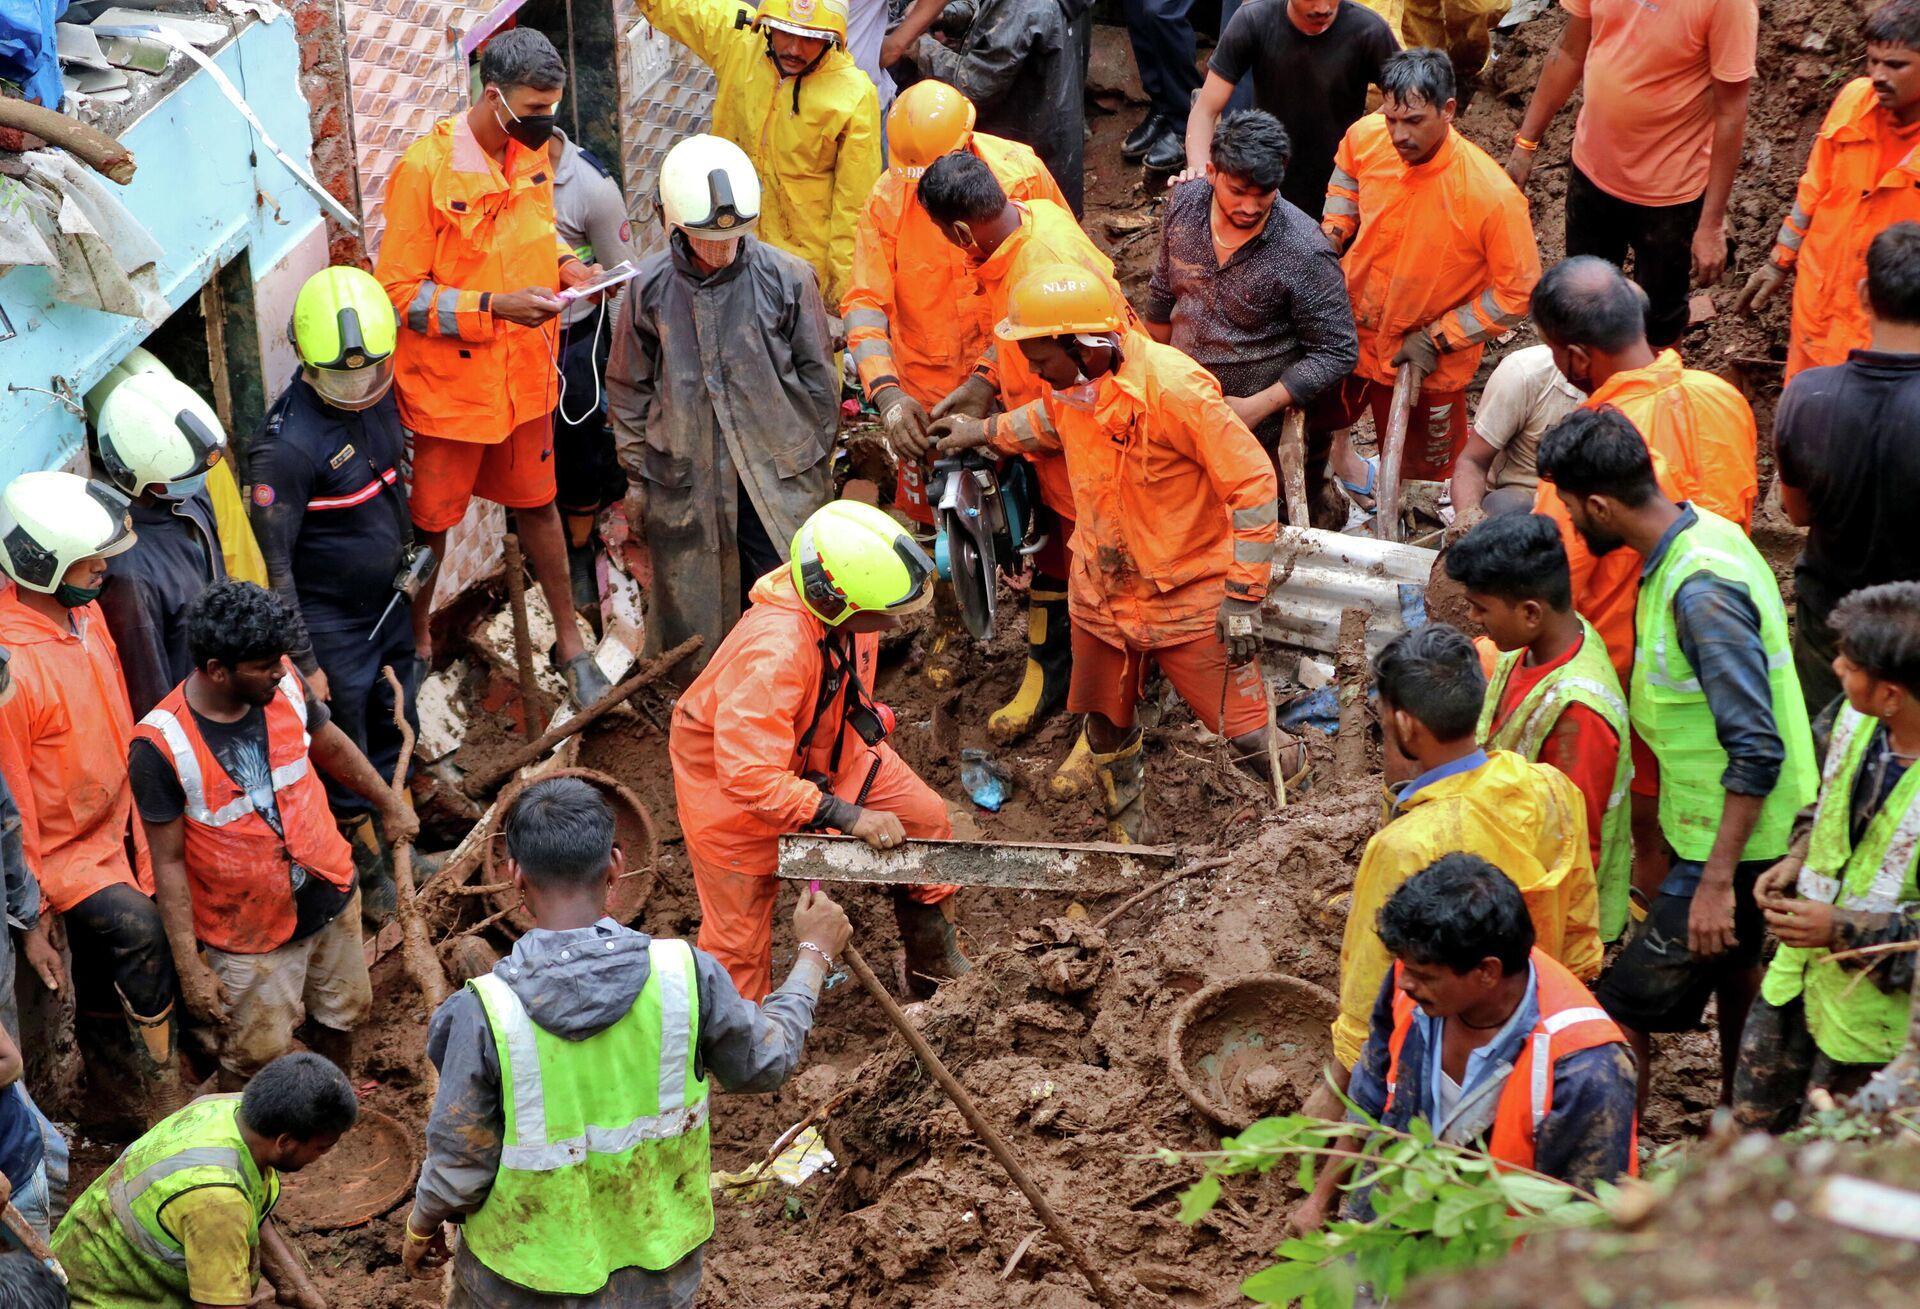 Спасатели на месте схода оползня в Мумбаи, Индия - РИА Новости, 1920, 18.07.2021